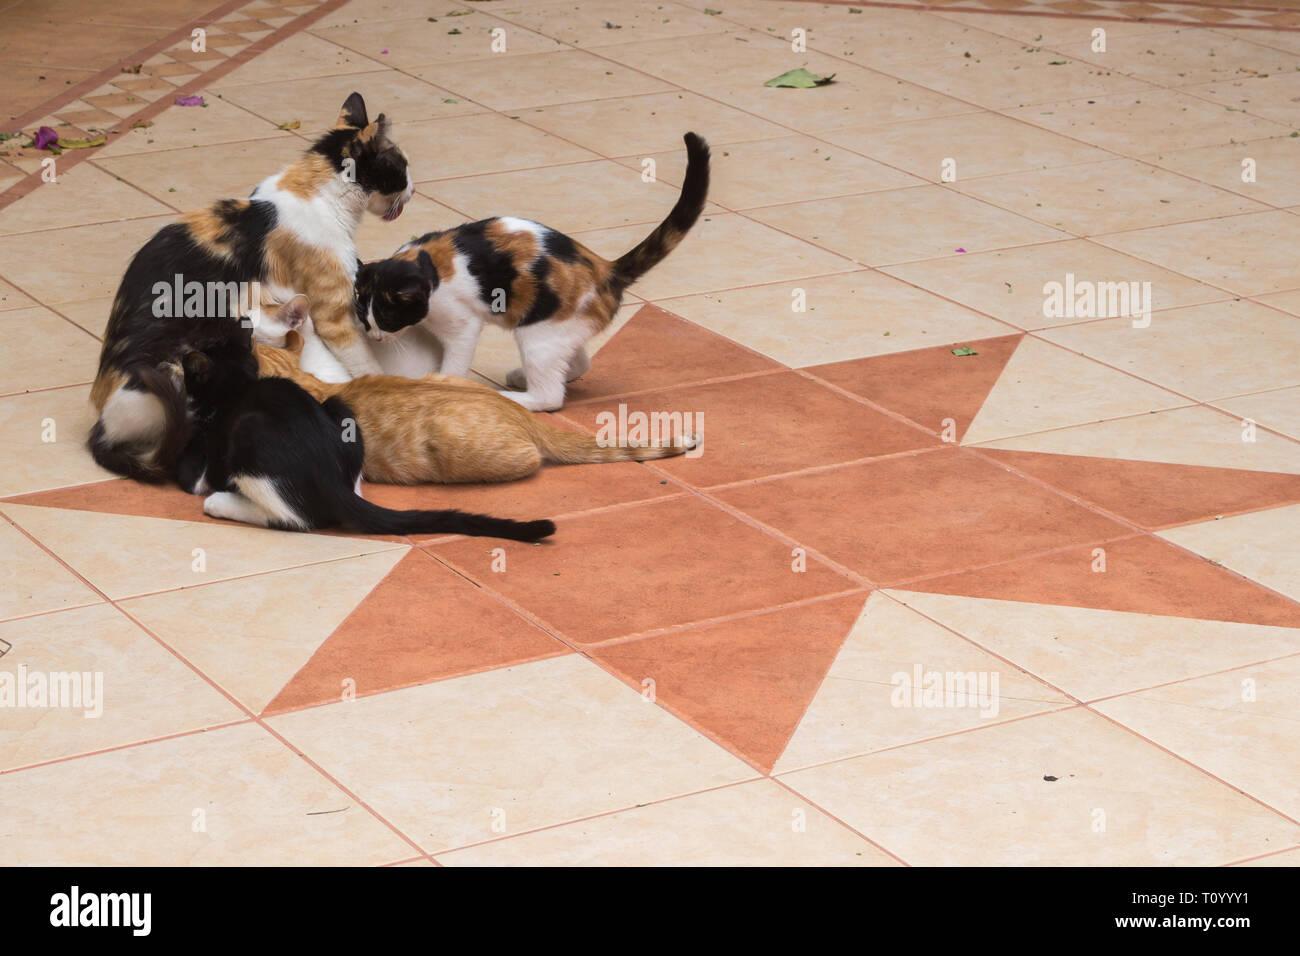 Famiglia di gatti immagini famiglia di gatti fotos stock alamy